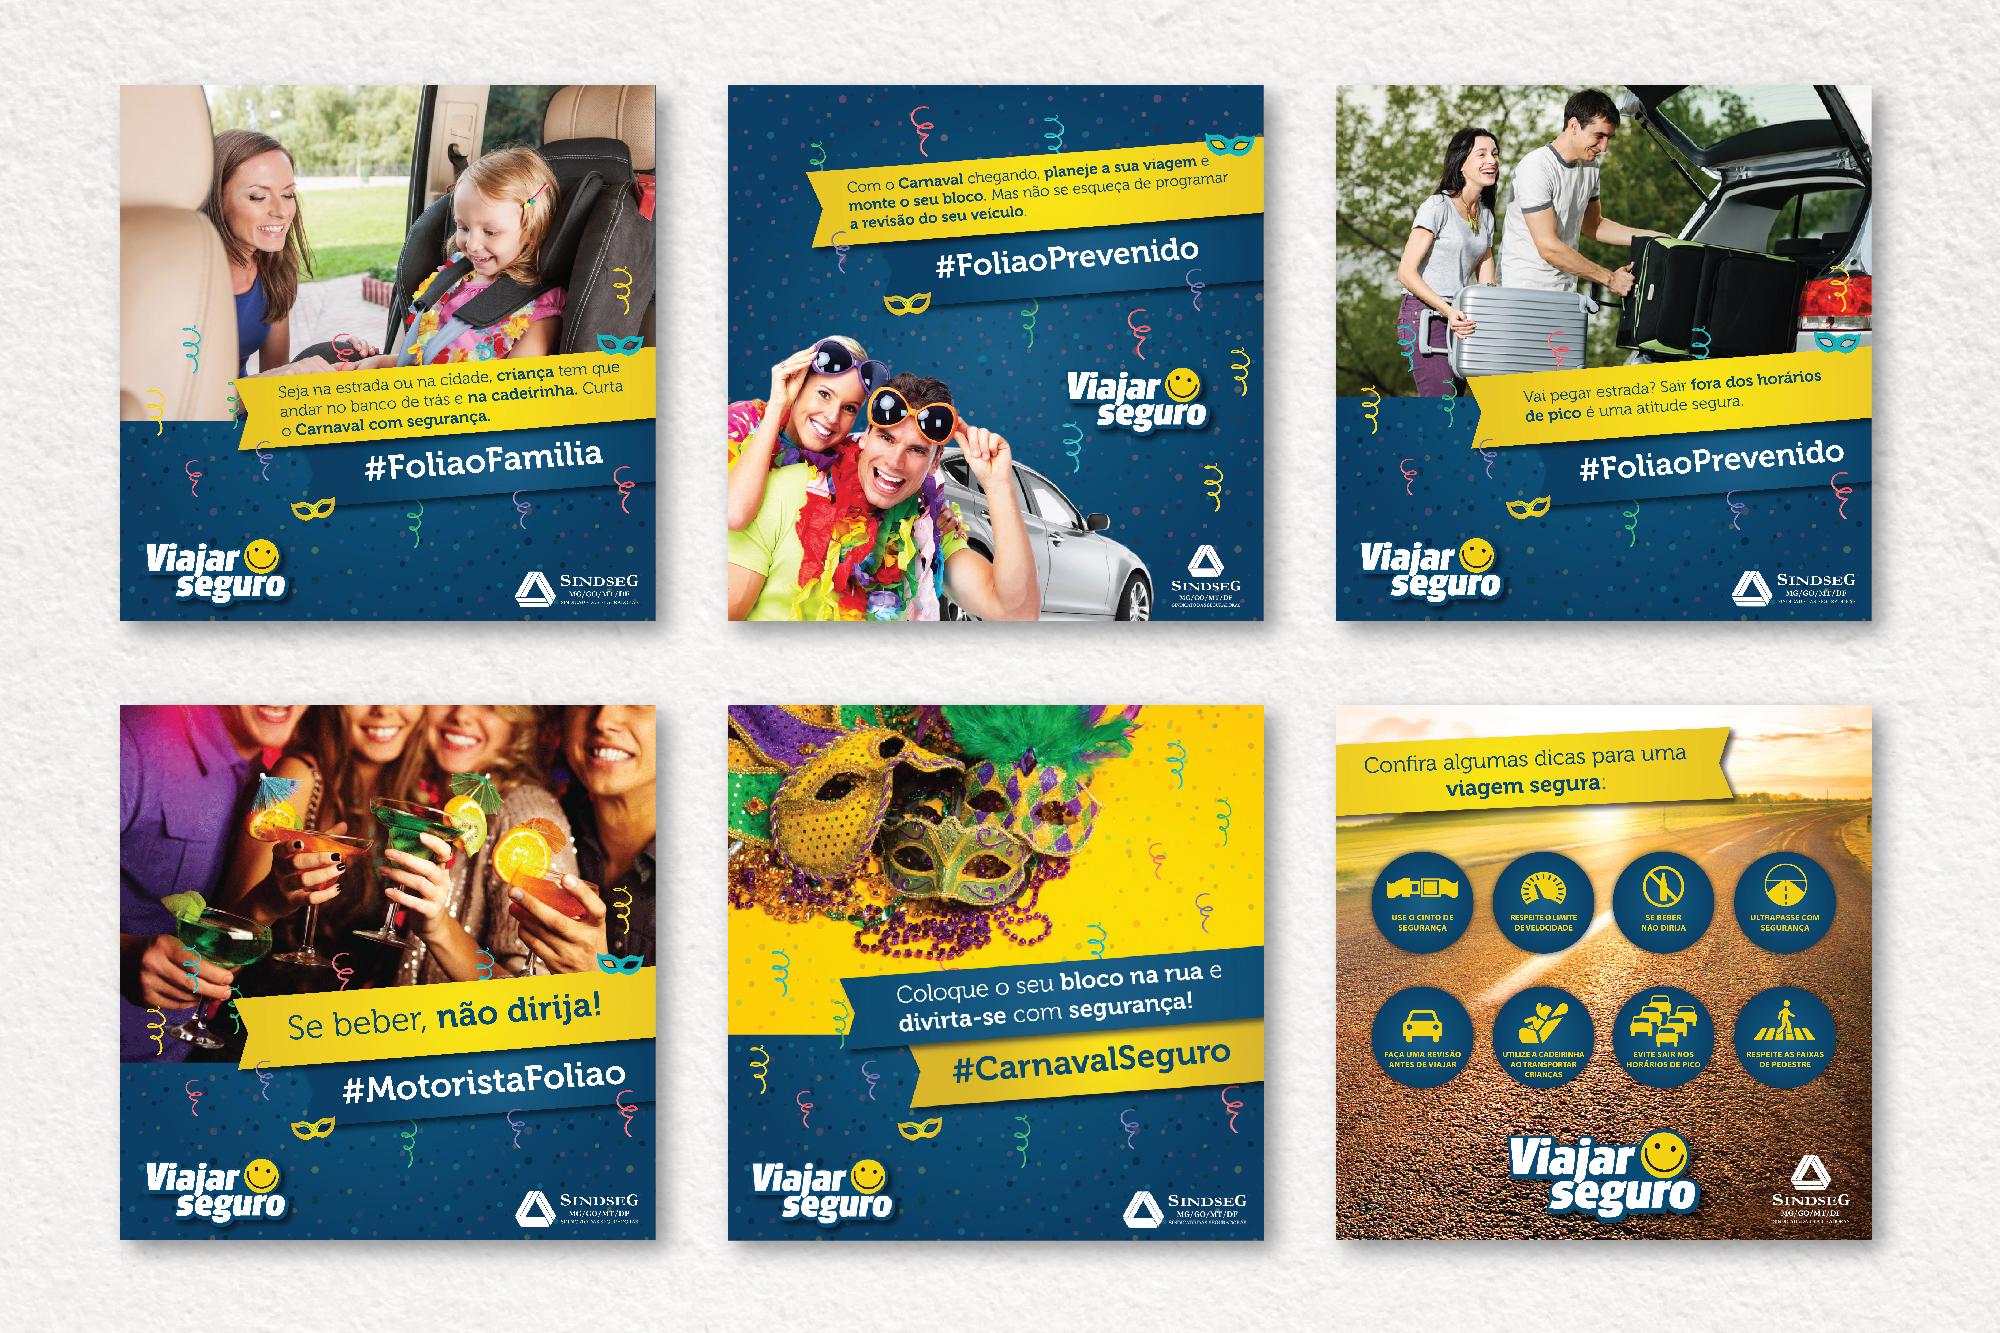 Peças da campanha Viajar Seguro postadas no Facebook do Sindseg